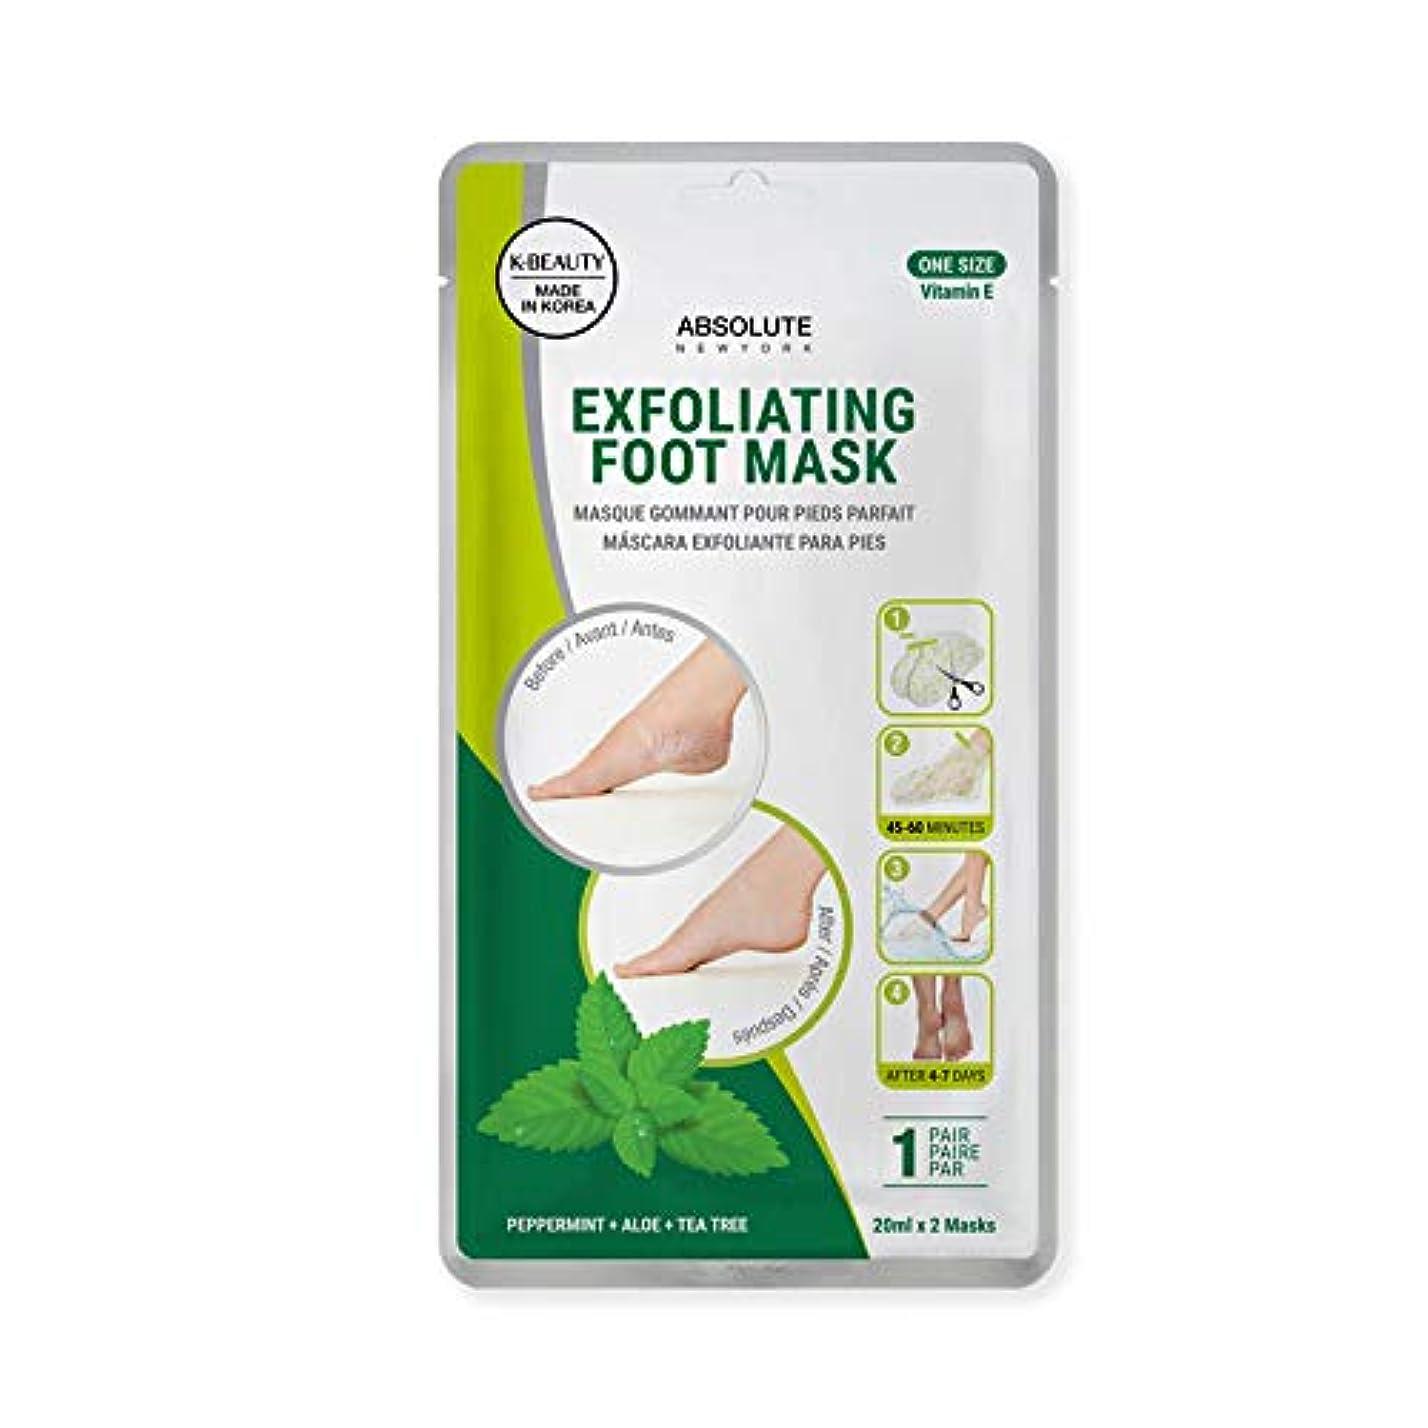 放牧するそれるいらいらさせるABSOLUTE Exfoliating Foot Mask - Peppermint + Aloe + Tea Tree (並行輸入品)